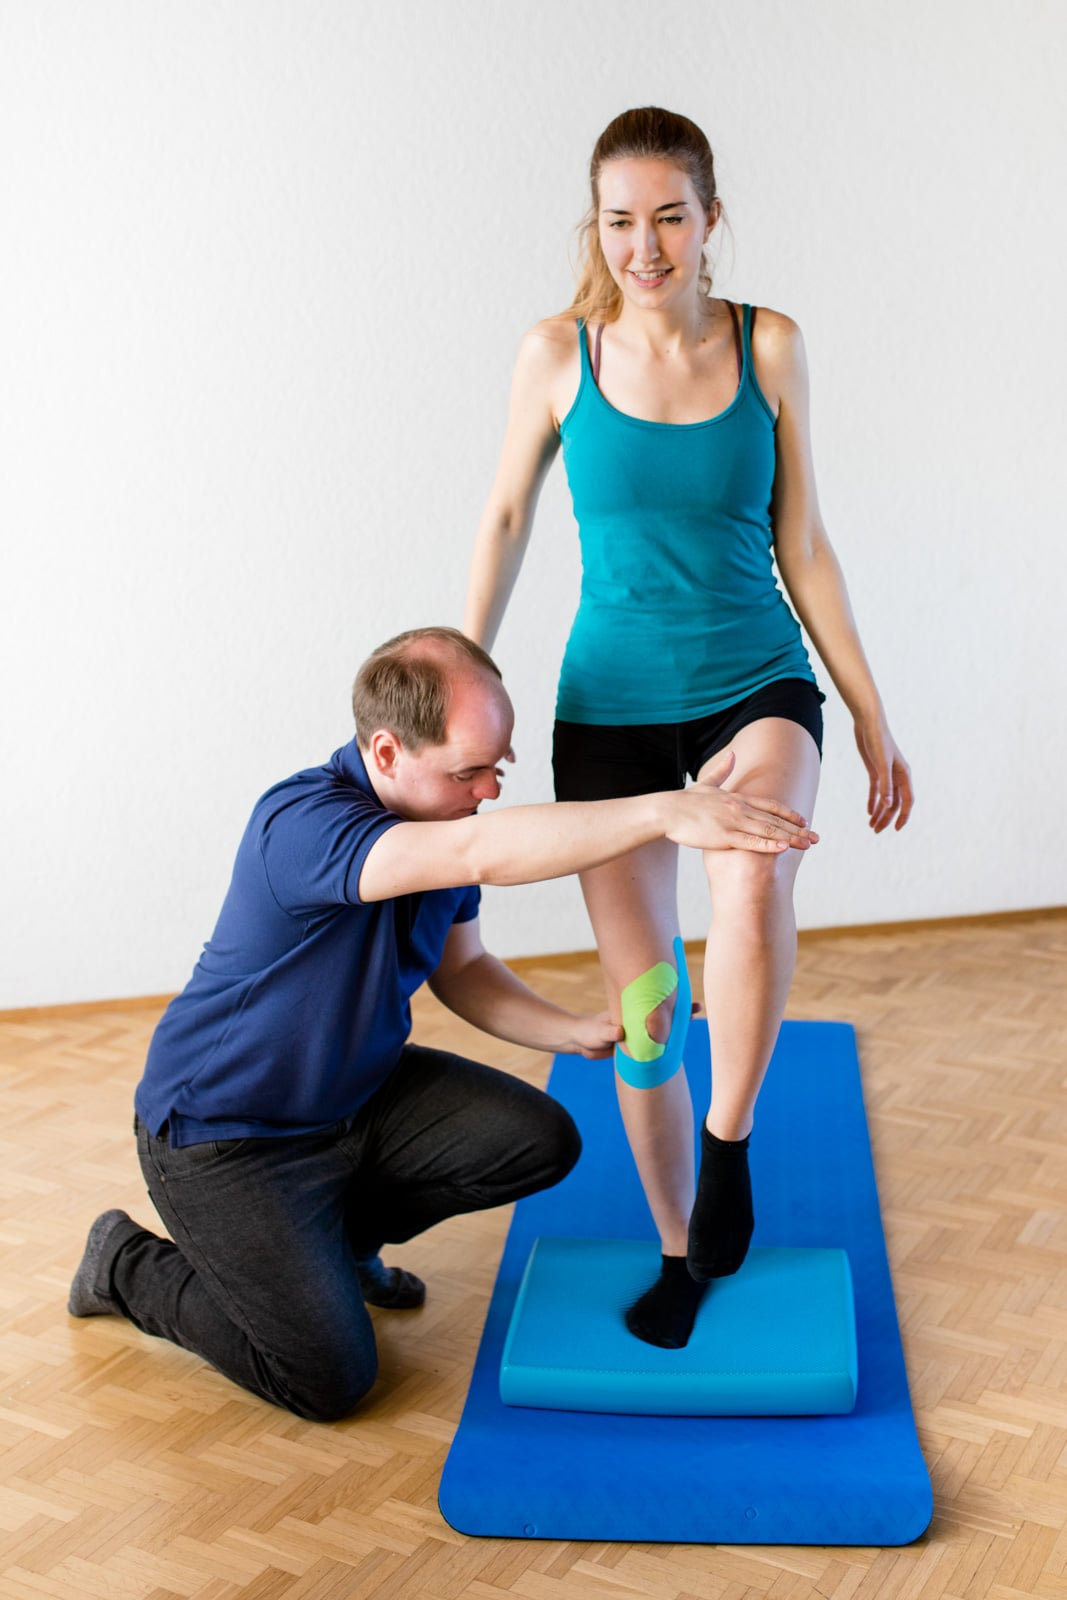 Katharina-Zwerger-Fotograf-Fotografin-Andreas-Kiecksee-Physiotherapie-Gewerbefotografie-Eventfotograf-timeescape-portraitfoto-mitarbeiterfoto-darmstadt-wiesbaden-hessen